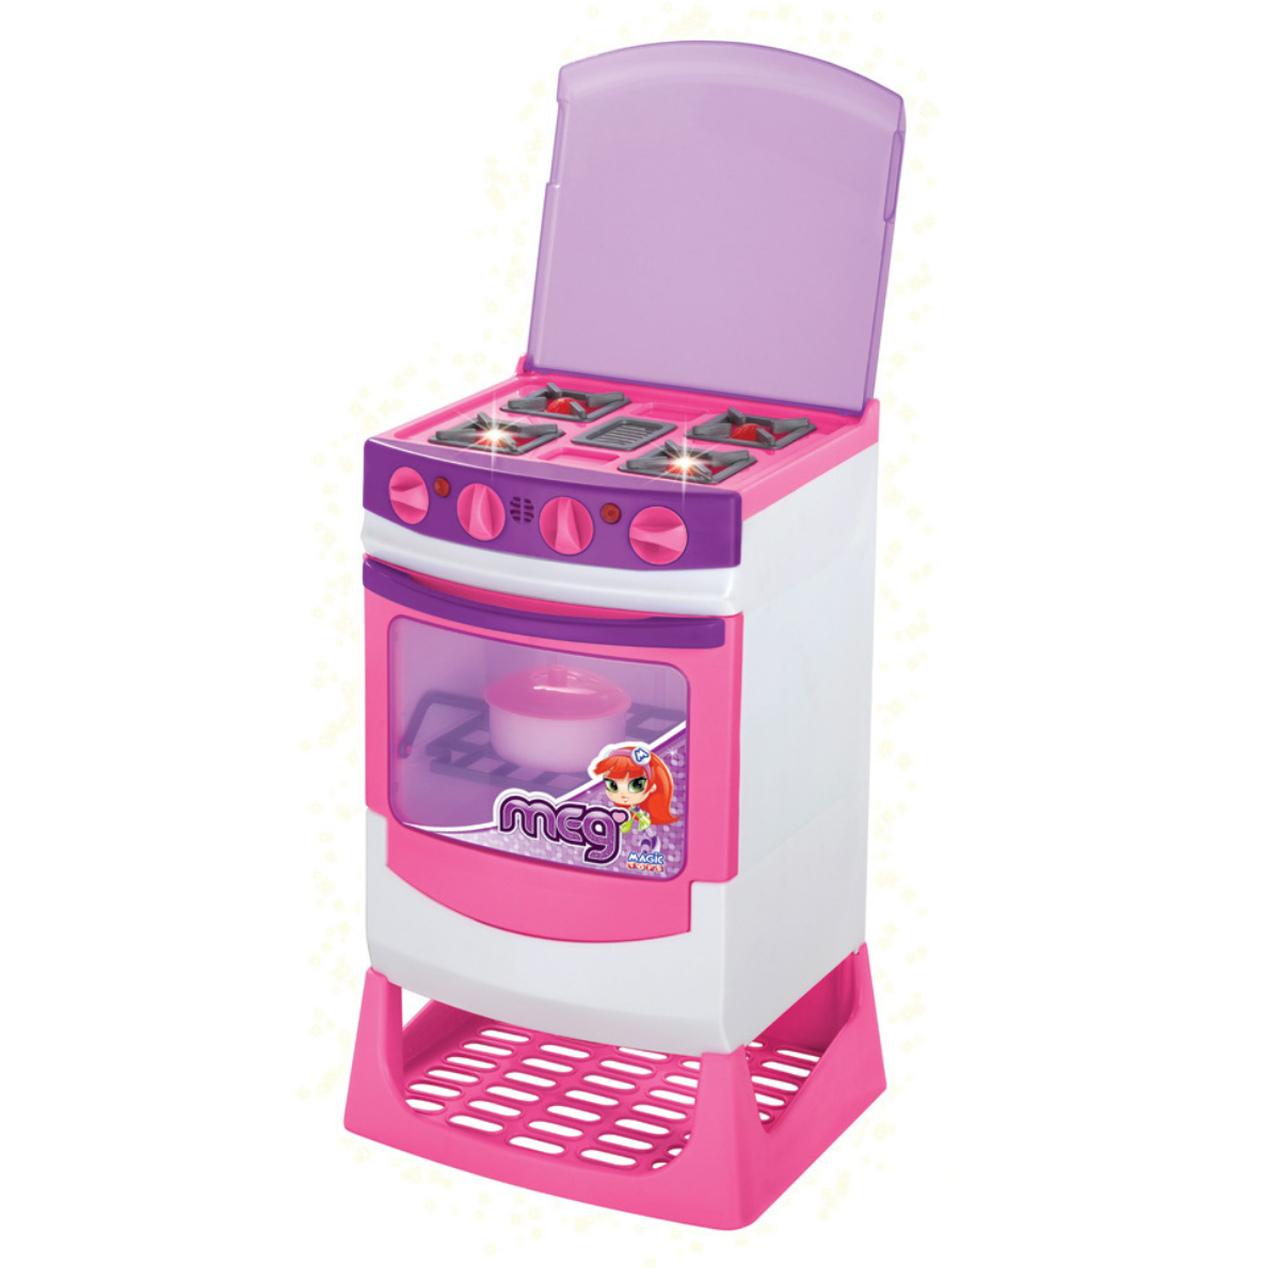 Fogão Master Chef Eletrônico de Brinquedo Meg